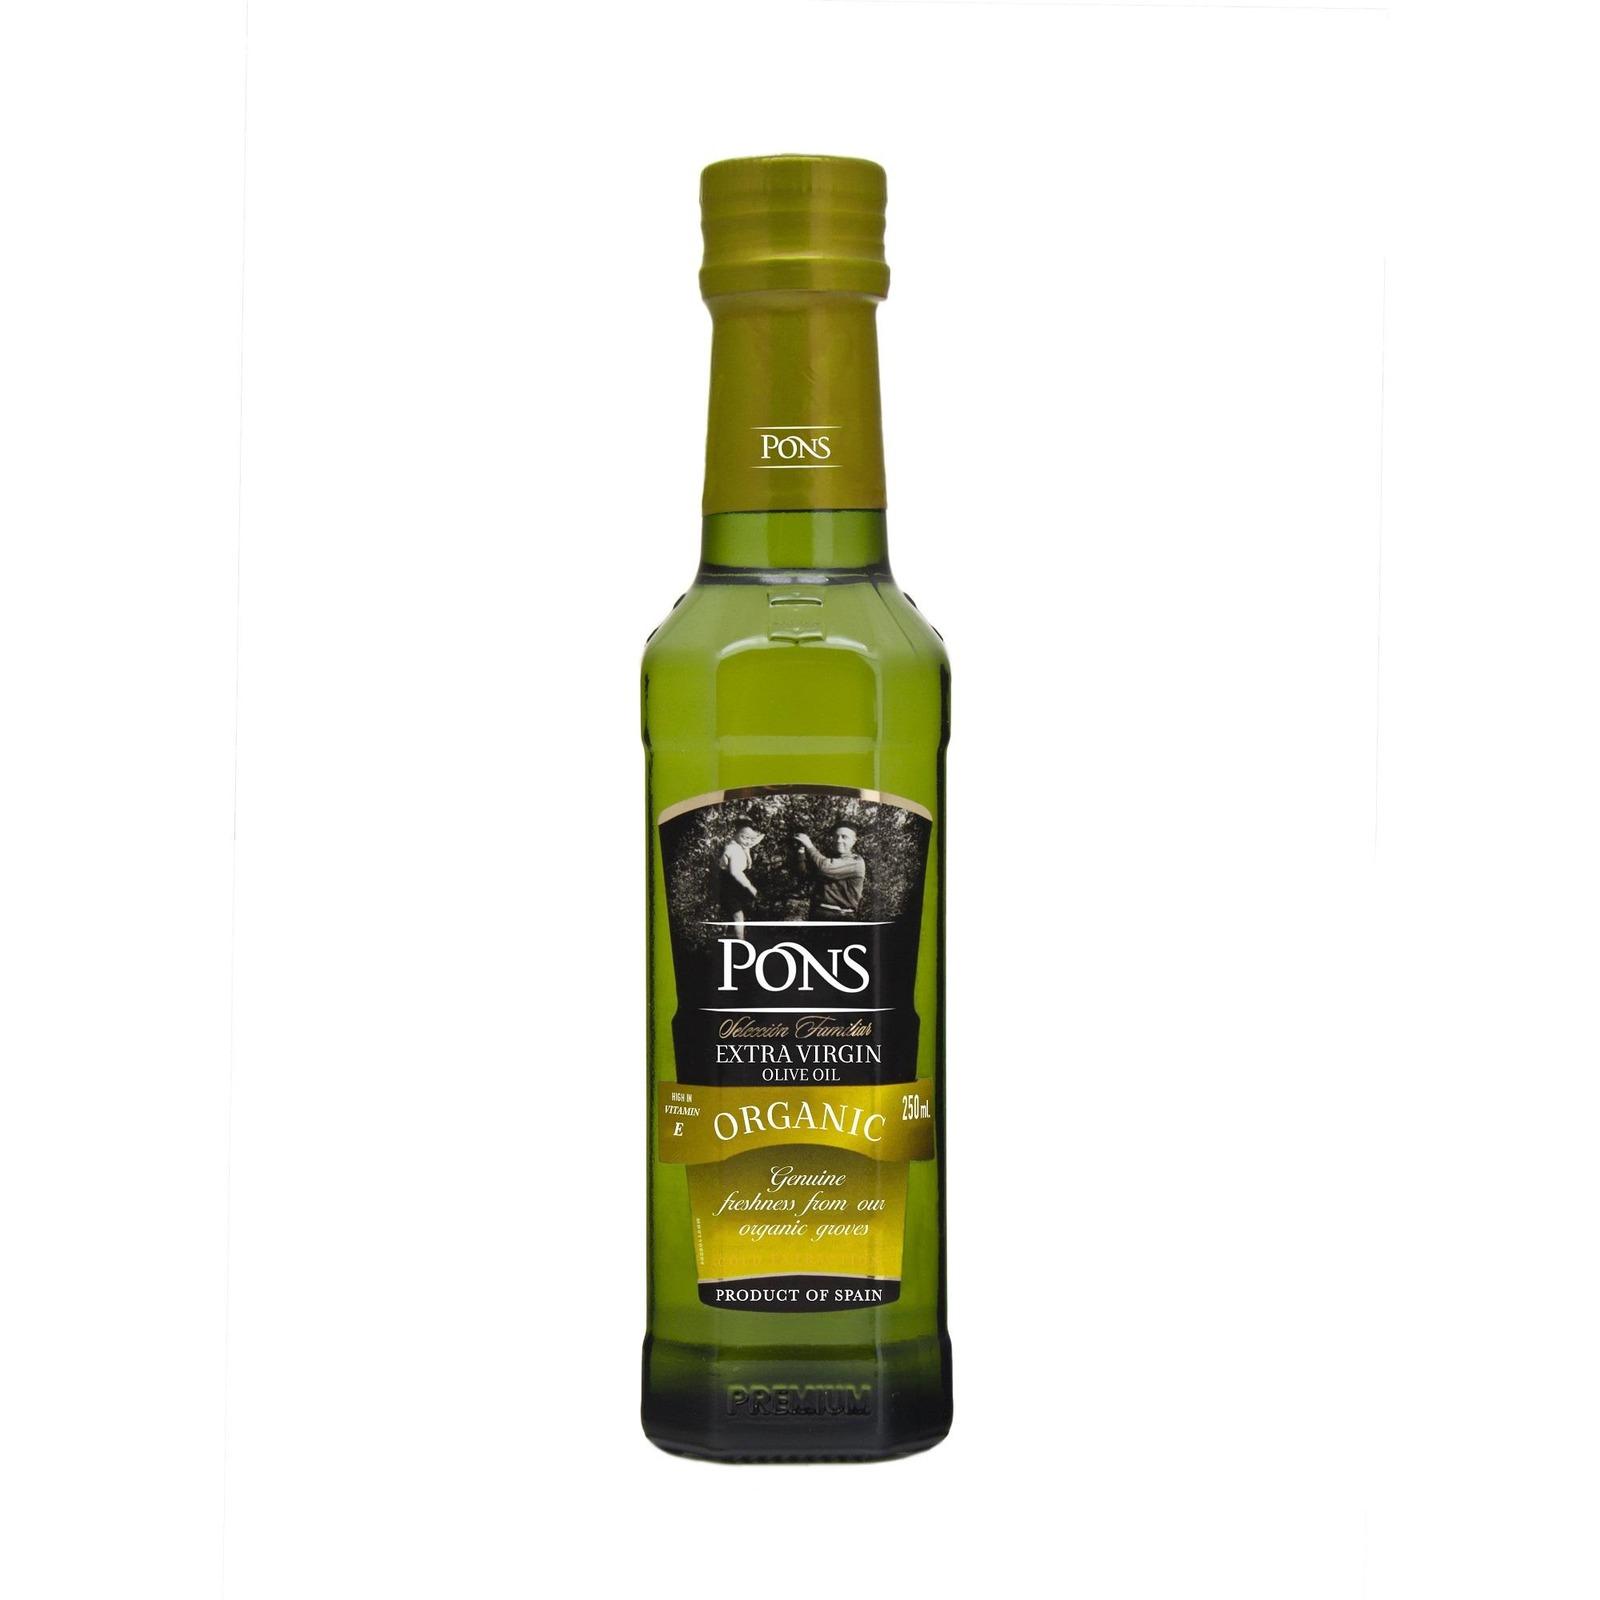 PONS Organic Extra Virgin Olive Oil Premium 250